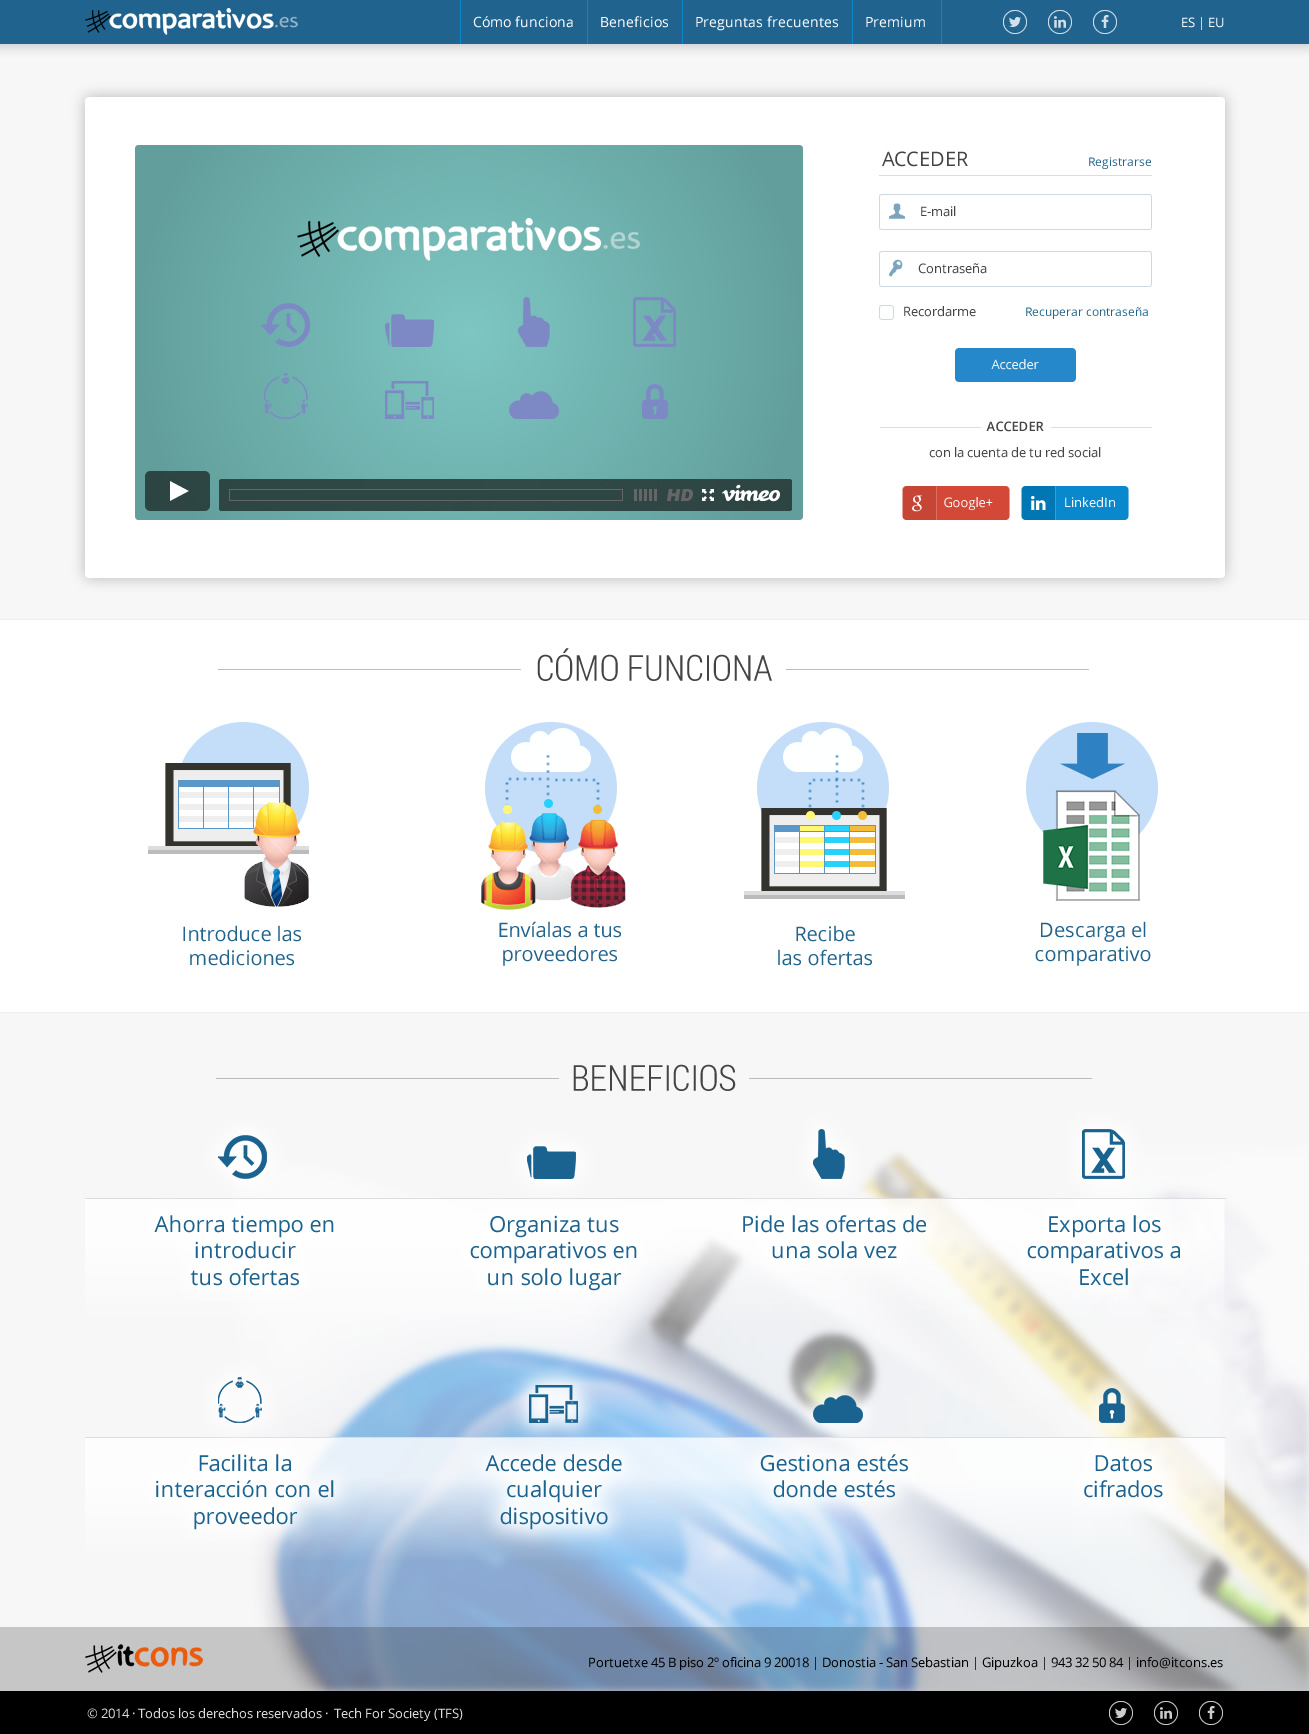 comparativos-web v3